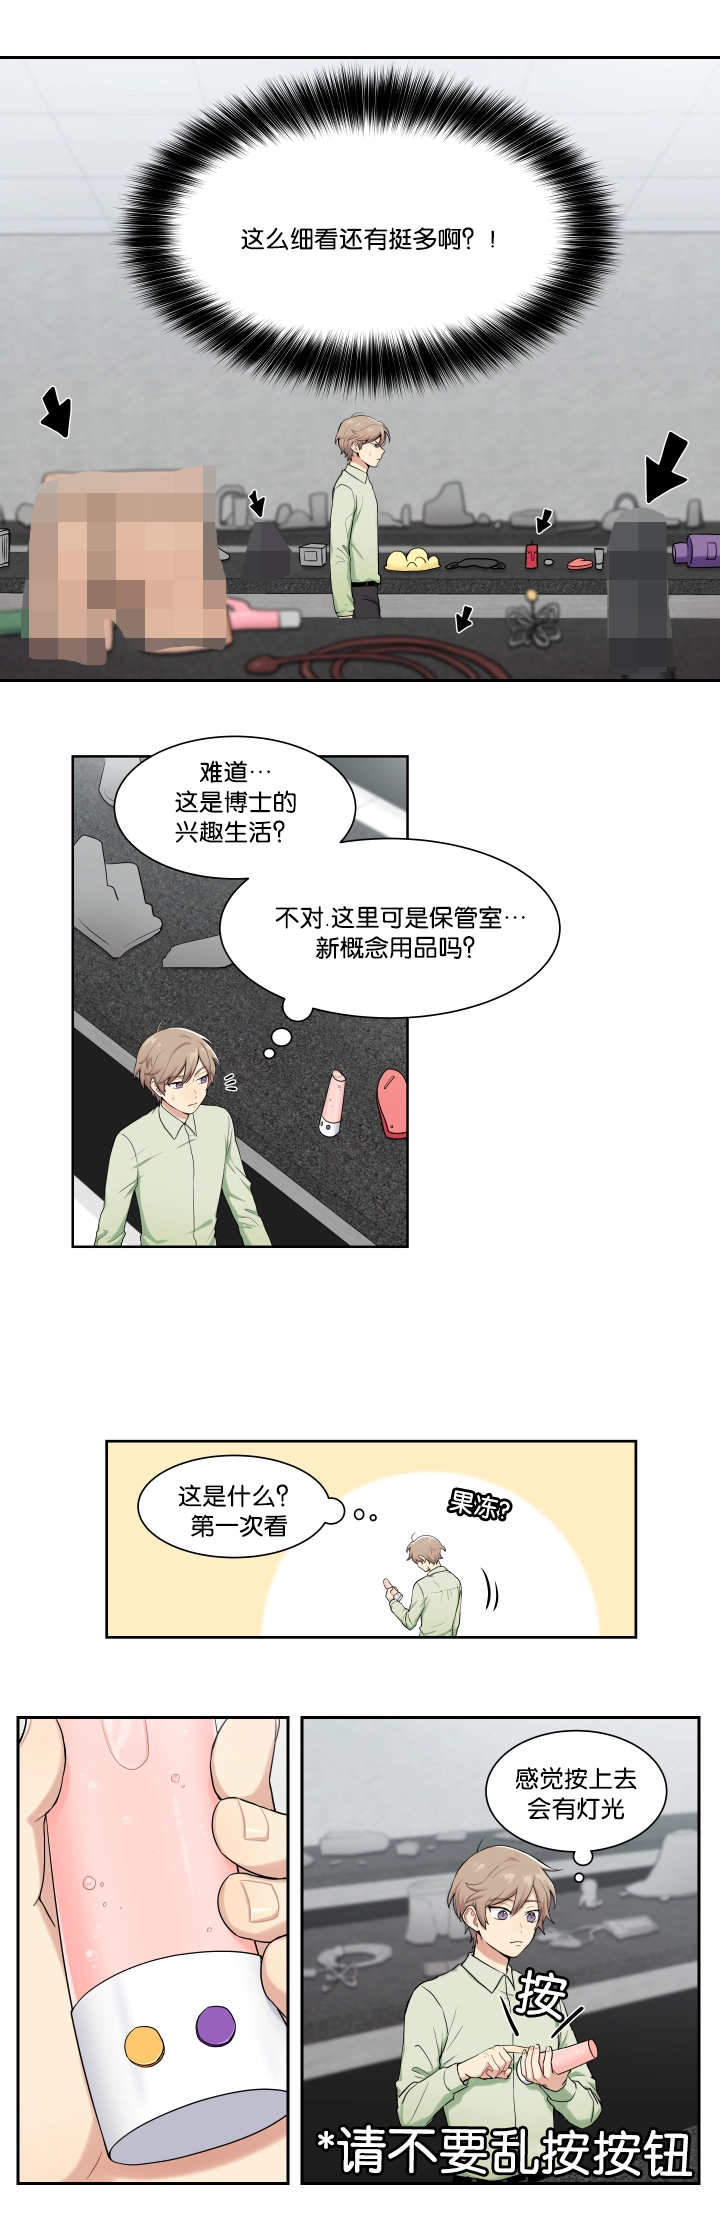 我的X报告-漫画最新连载汉化_完整版在线阅读-啵乐漫画